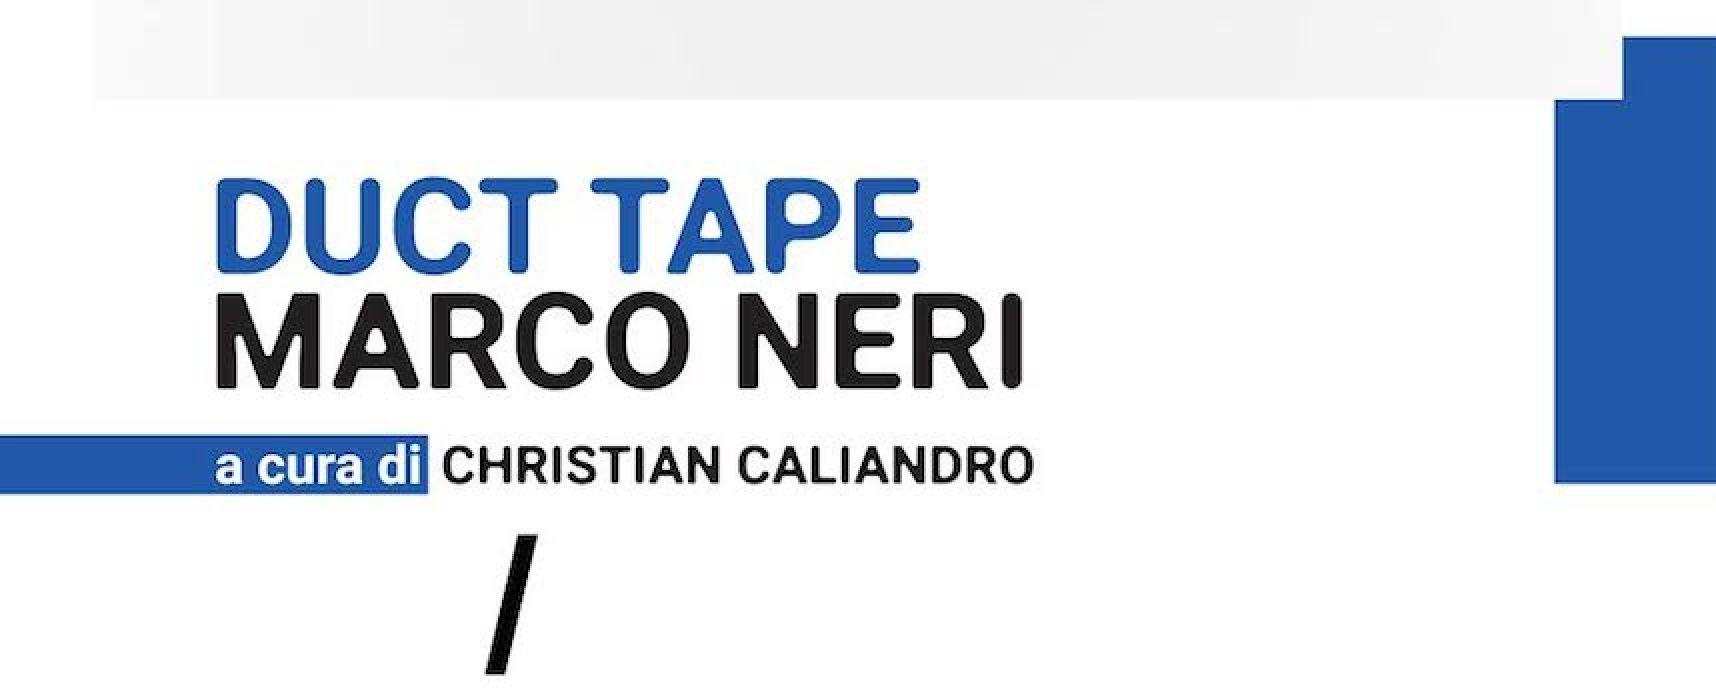 Avvistamenti XVI, oggi l'inaugurazione della mostra Duct Tape di Marco Neri